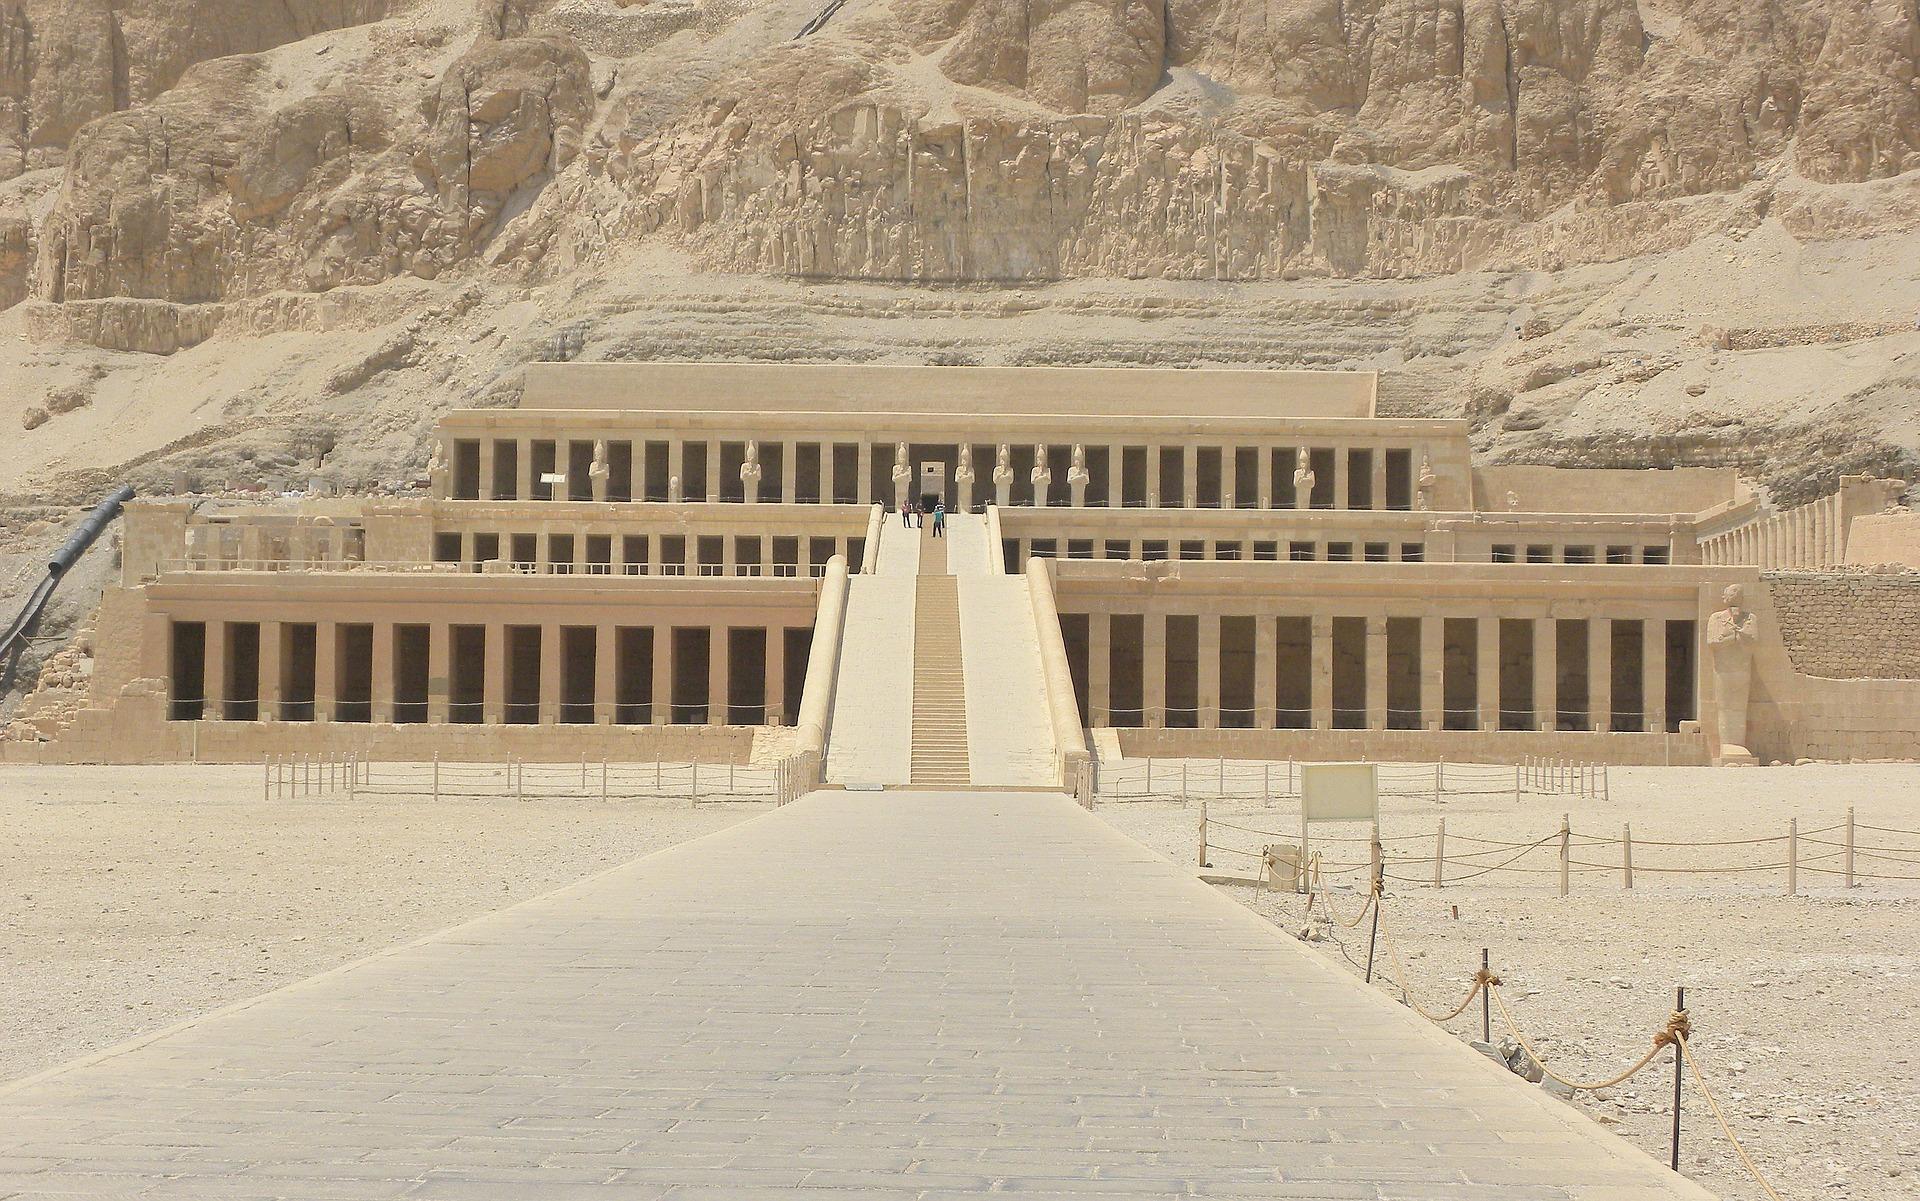 Luxor - Langzeitreisen in Ägypten am besten ein Hotel in Hurghada mit All Inclusive Verfplfgung